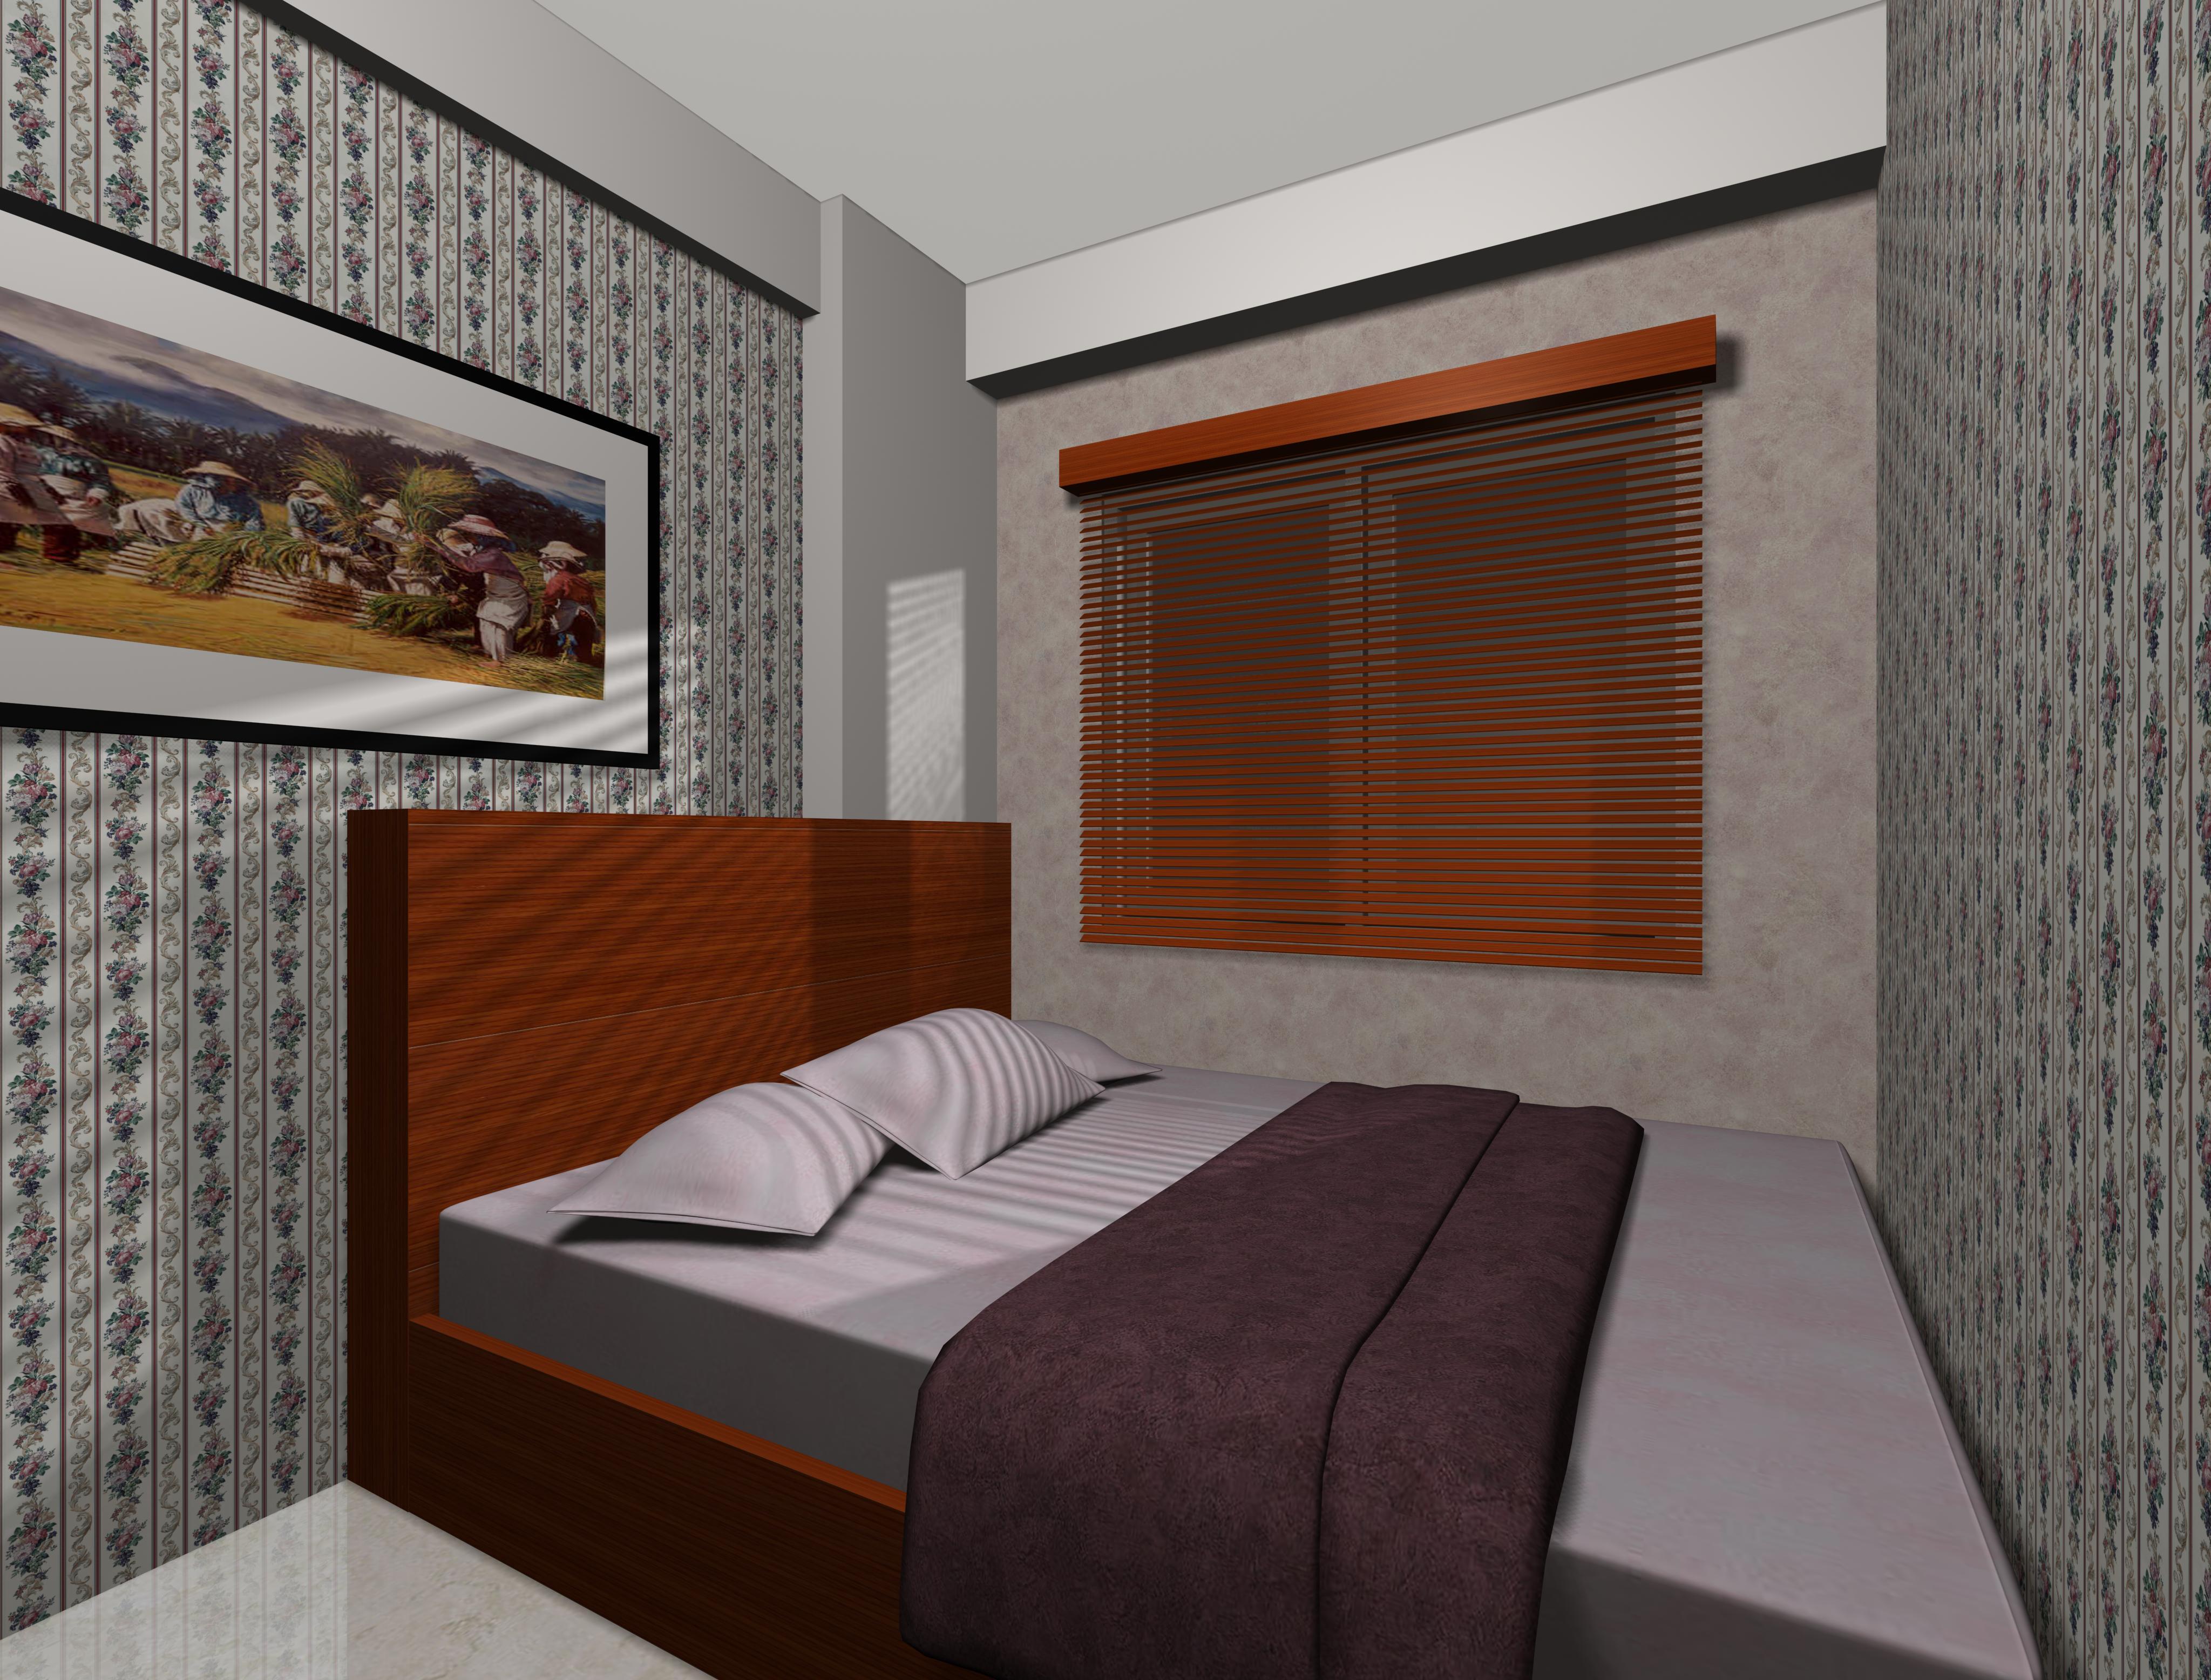 Gambar Kamar Mandi Di Kamar Tidur 10 desain kamar tidur